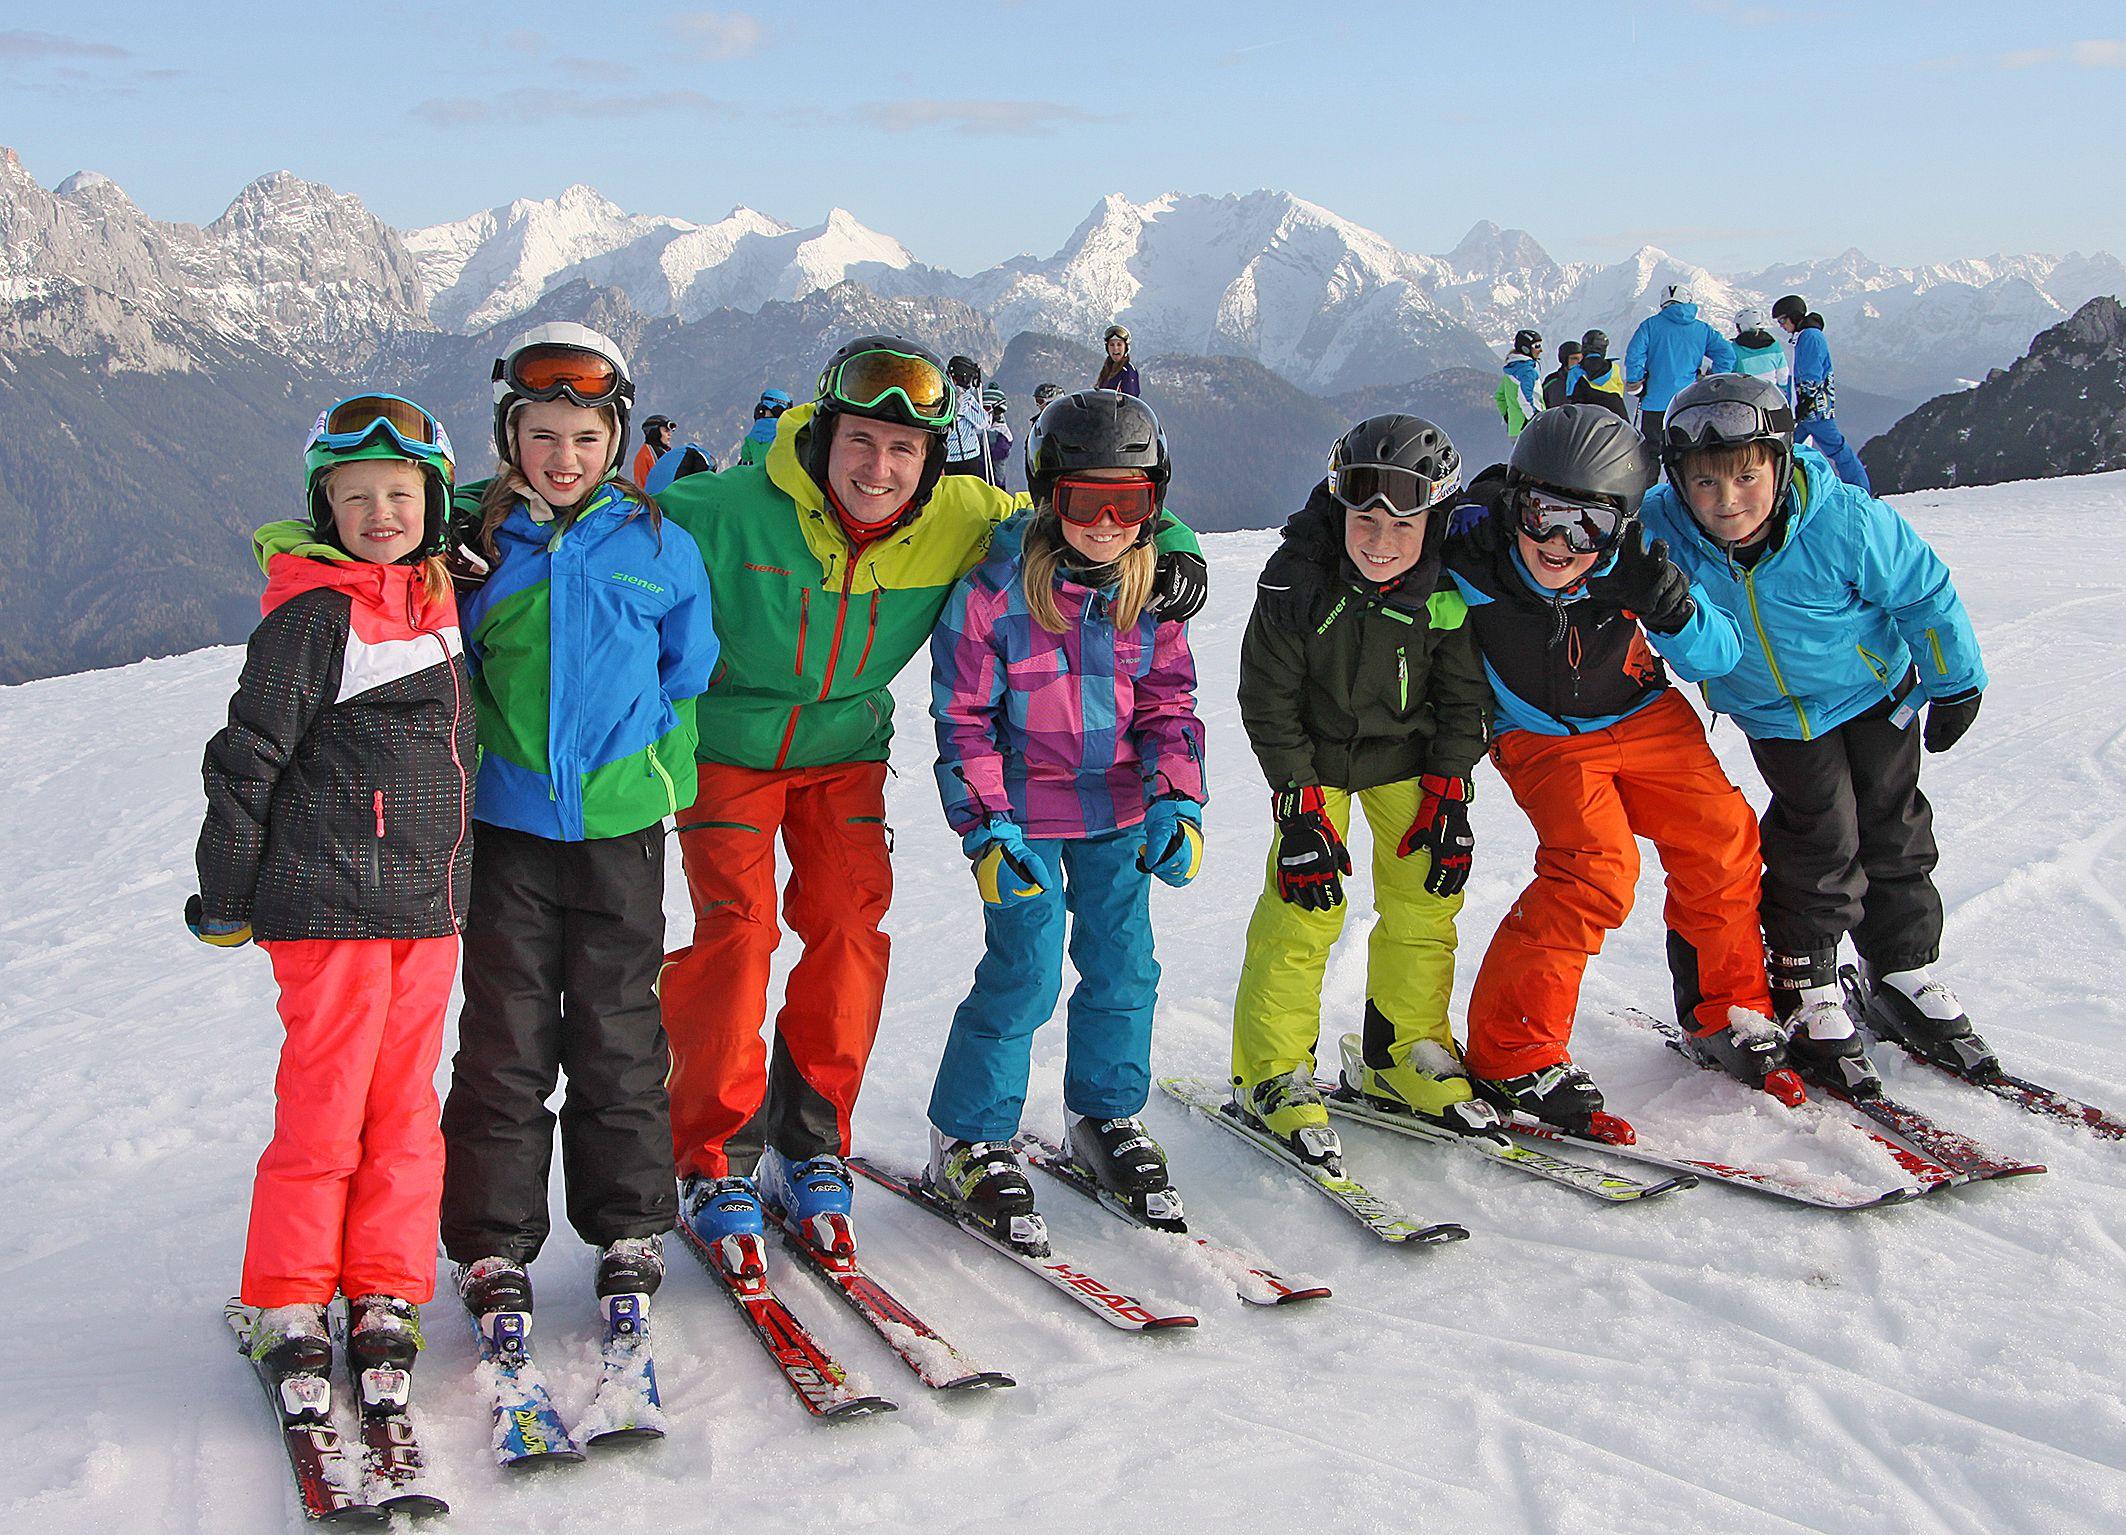 Sonntagswetter für die Veldener Ski- und Snowboard-Kursteilnehmer: Skilehrer Passi Schreiber legte mit den Kids der Renngruppe eine schneidige Spur in den Schnee